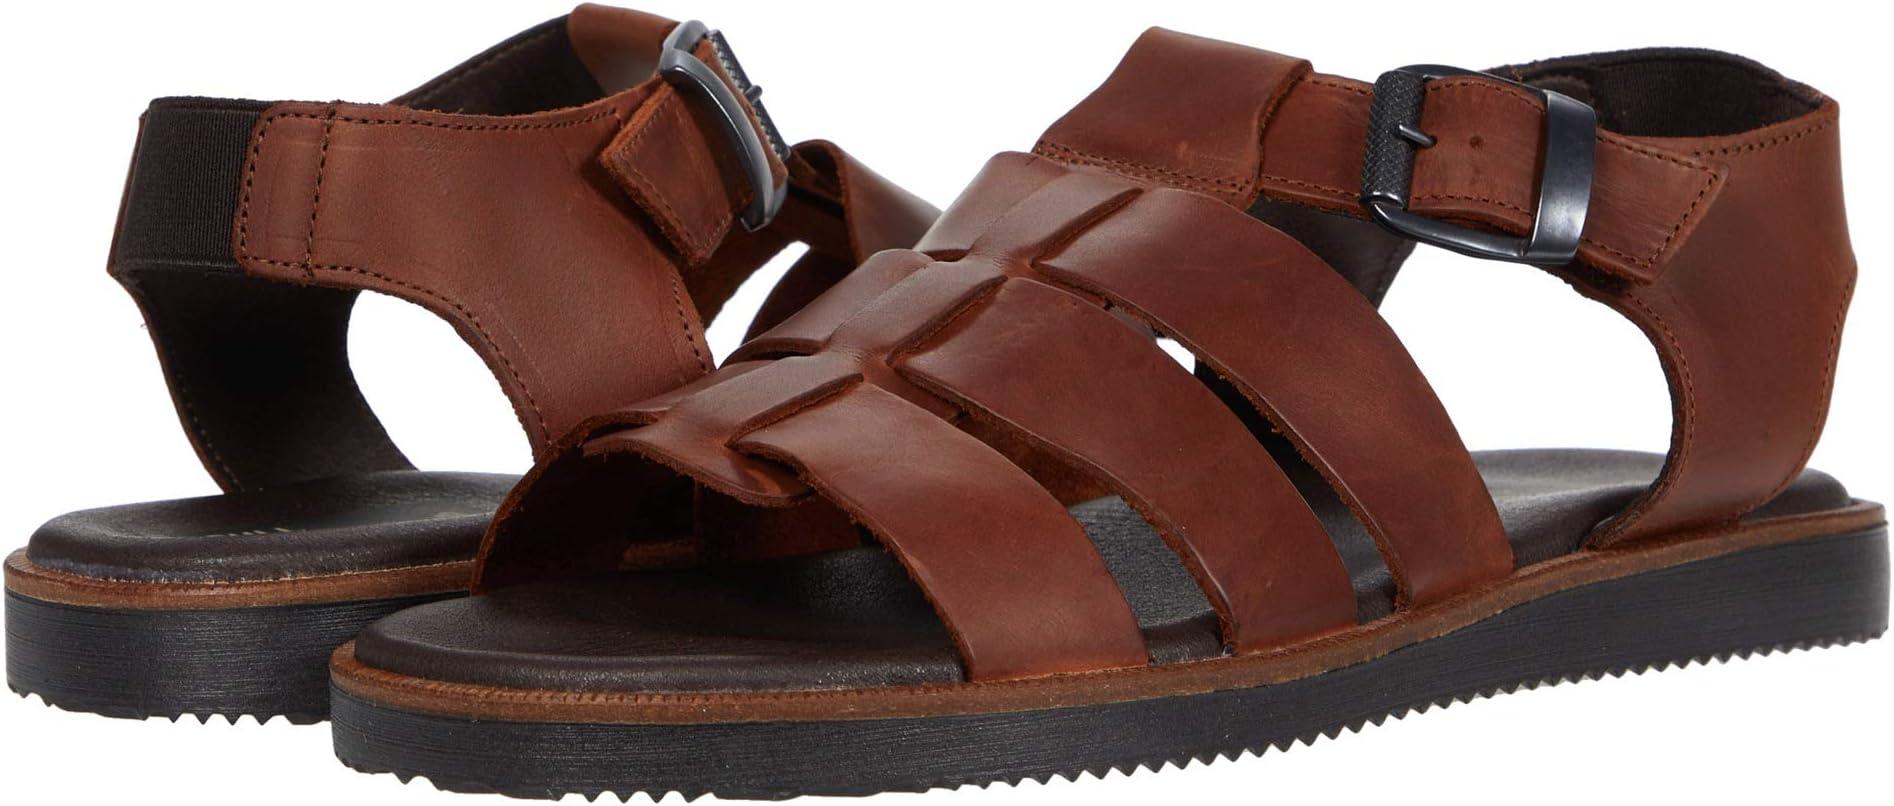 Bullboxer Sandals